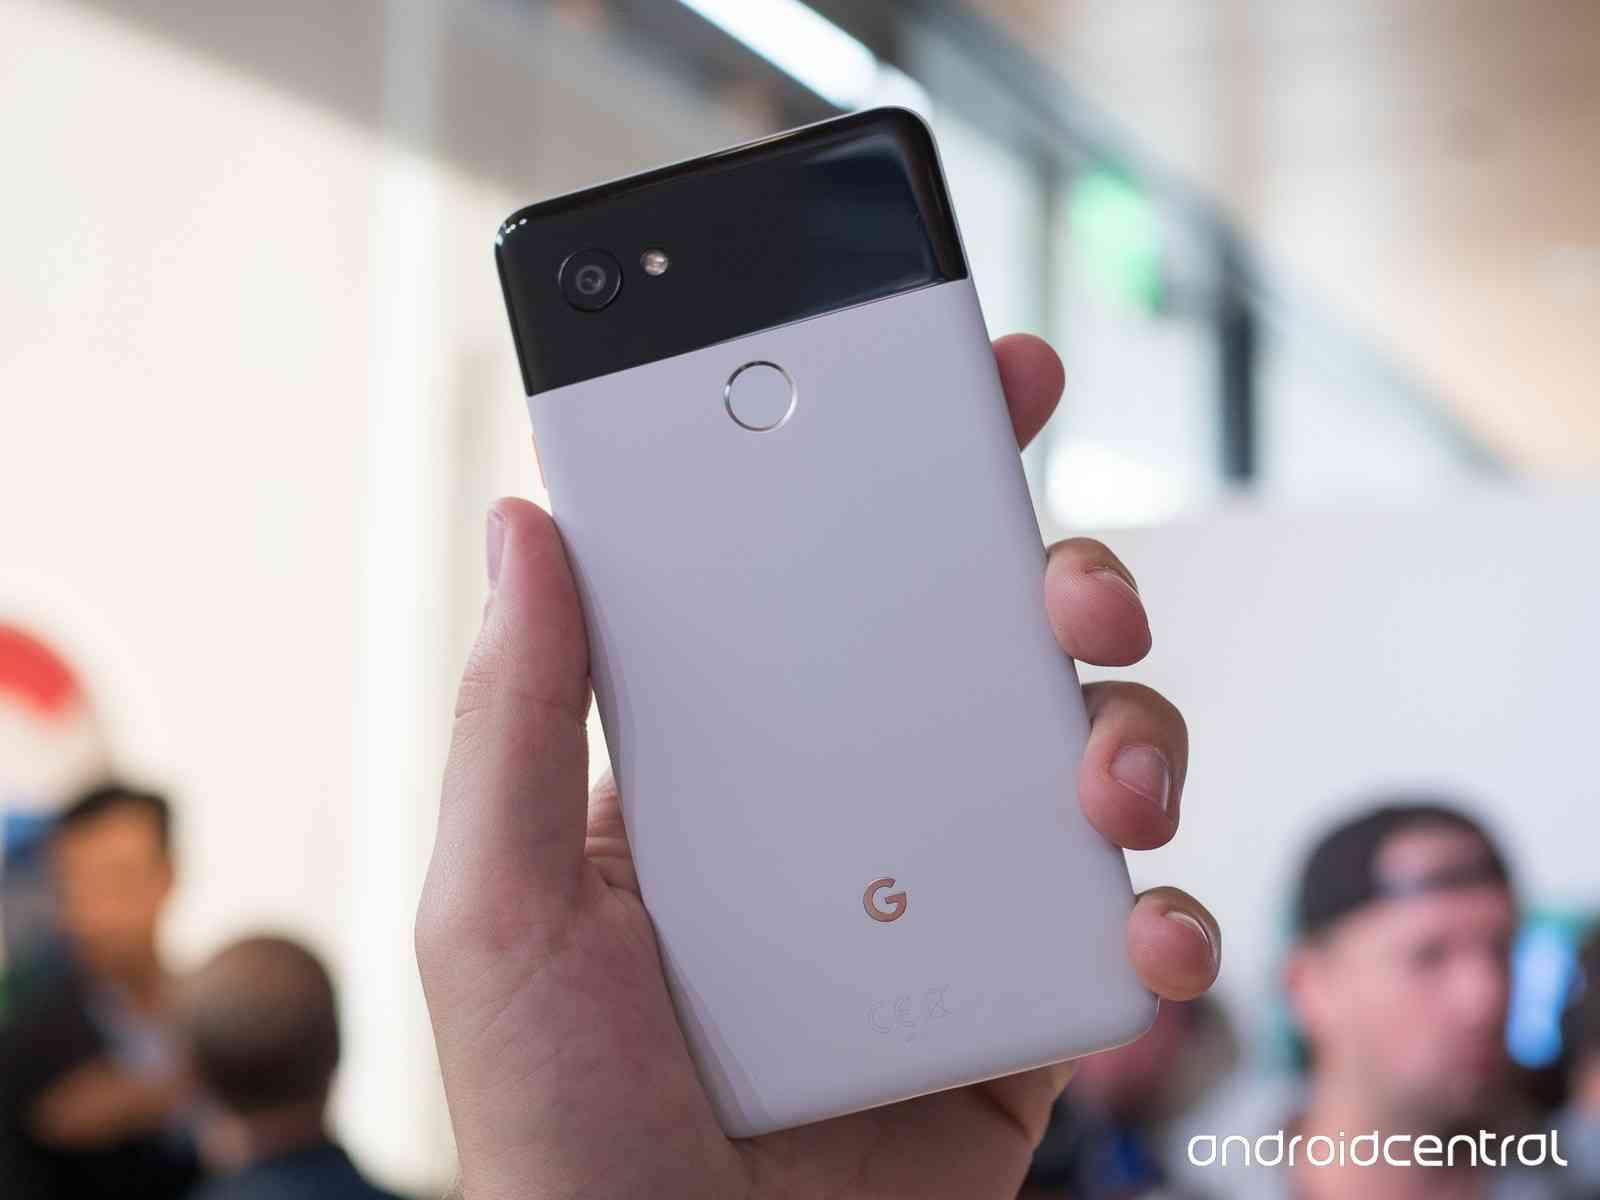 Примеры фото с Google Pixel 2 и лучшей камеры Другие устройства  - pixel_2_pixel_2_xl_hands_on_12-1